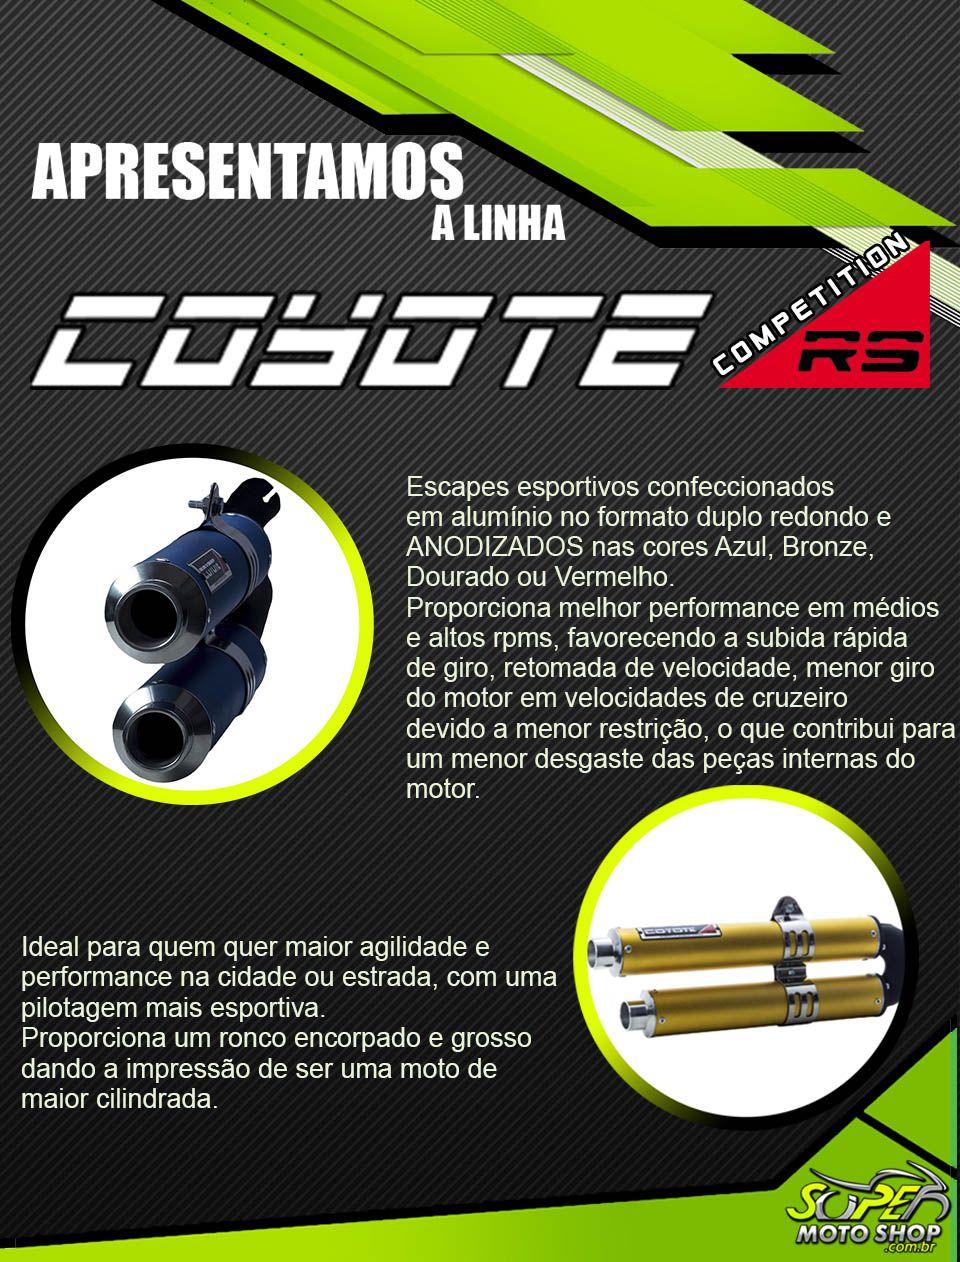 Escape / Ponteira Coyote Competition Duplo em Alumínio Colorido (Anodizado) - Yes 125 - Suzuki